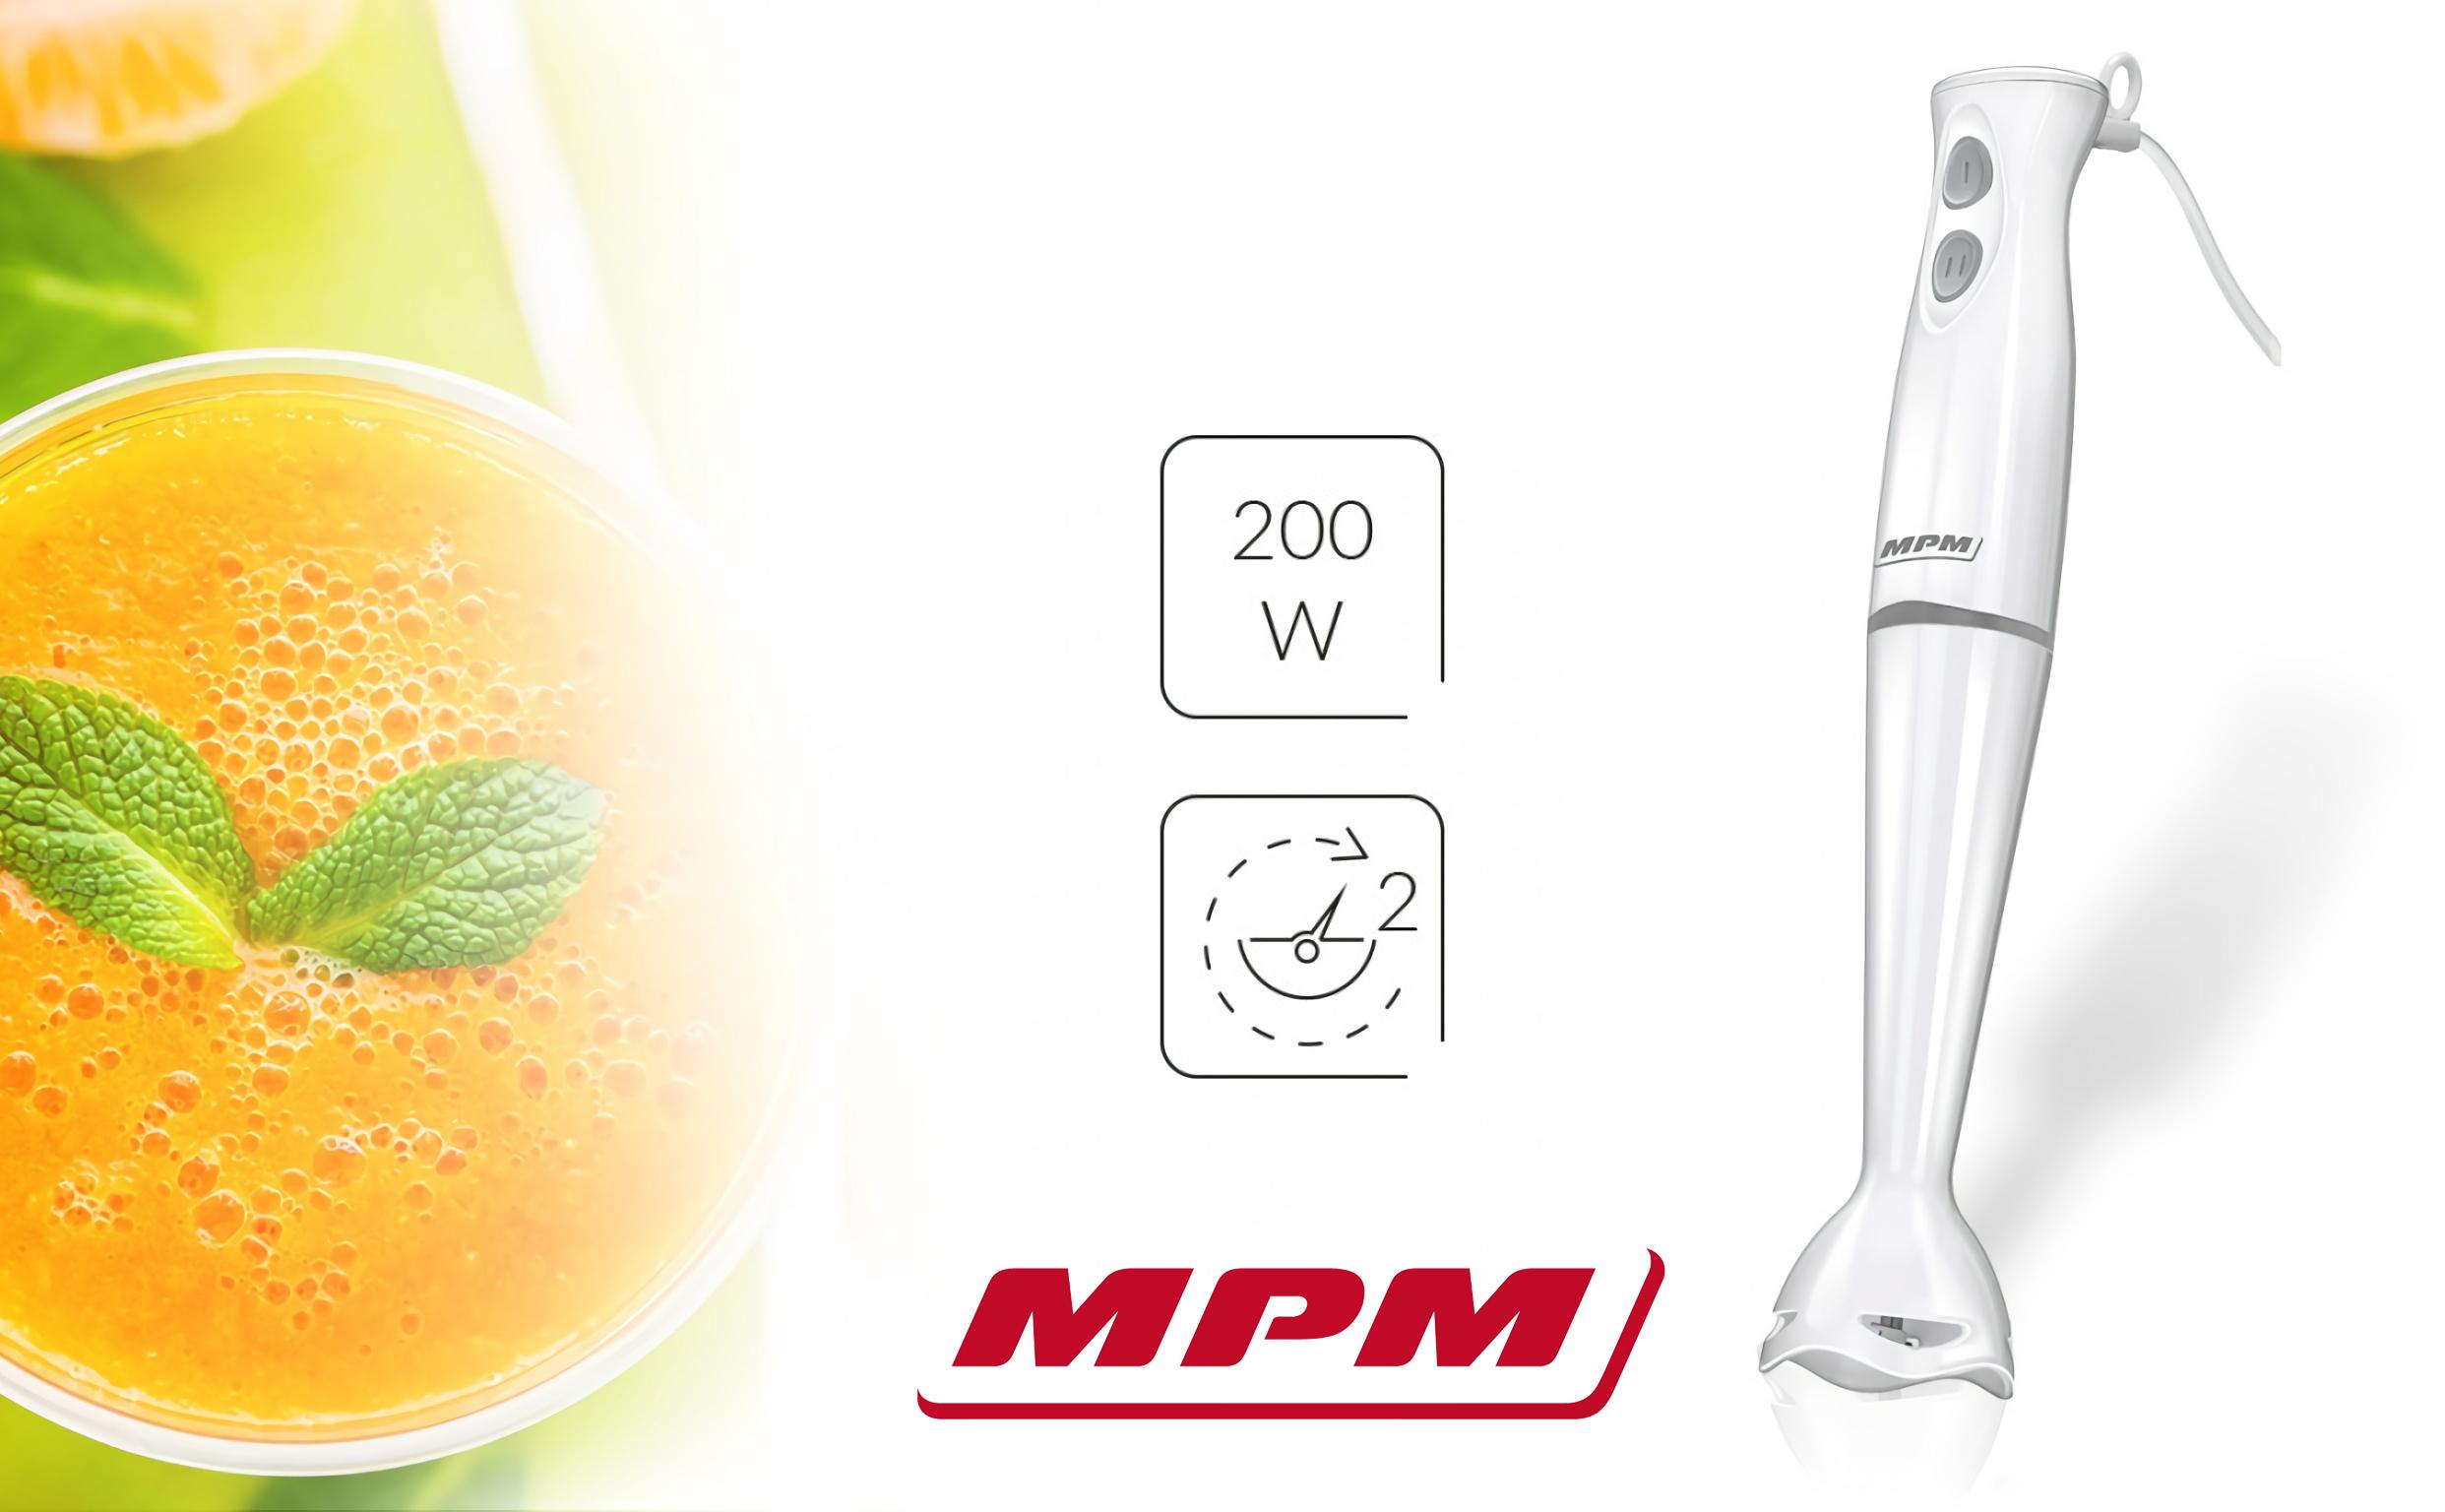 MPM MBL-18 Batidora de Mano con Cuchillas de Acero Inoxidable, 2 Velocidades 200W, Blanca